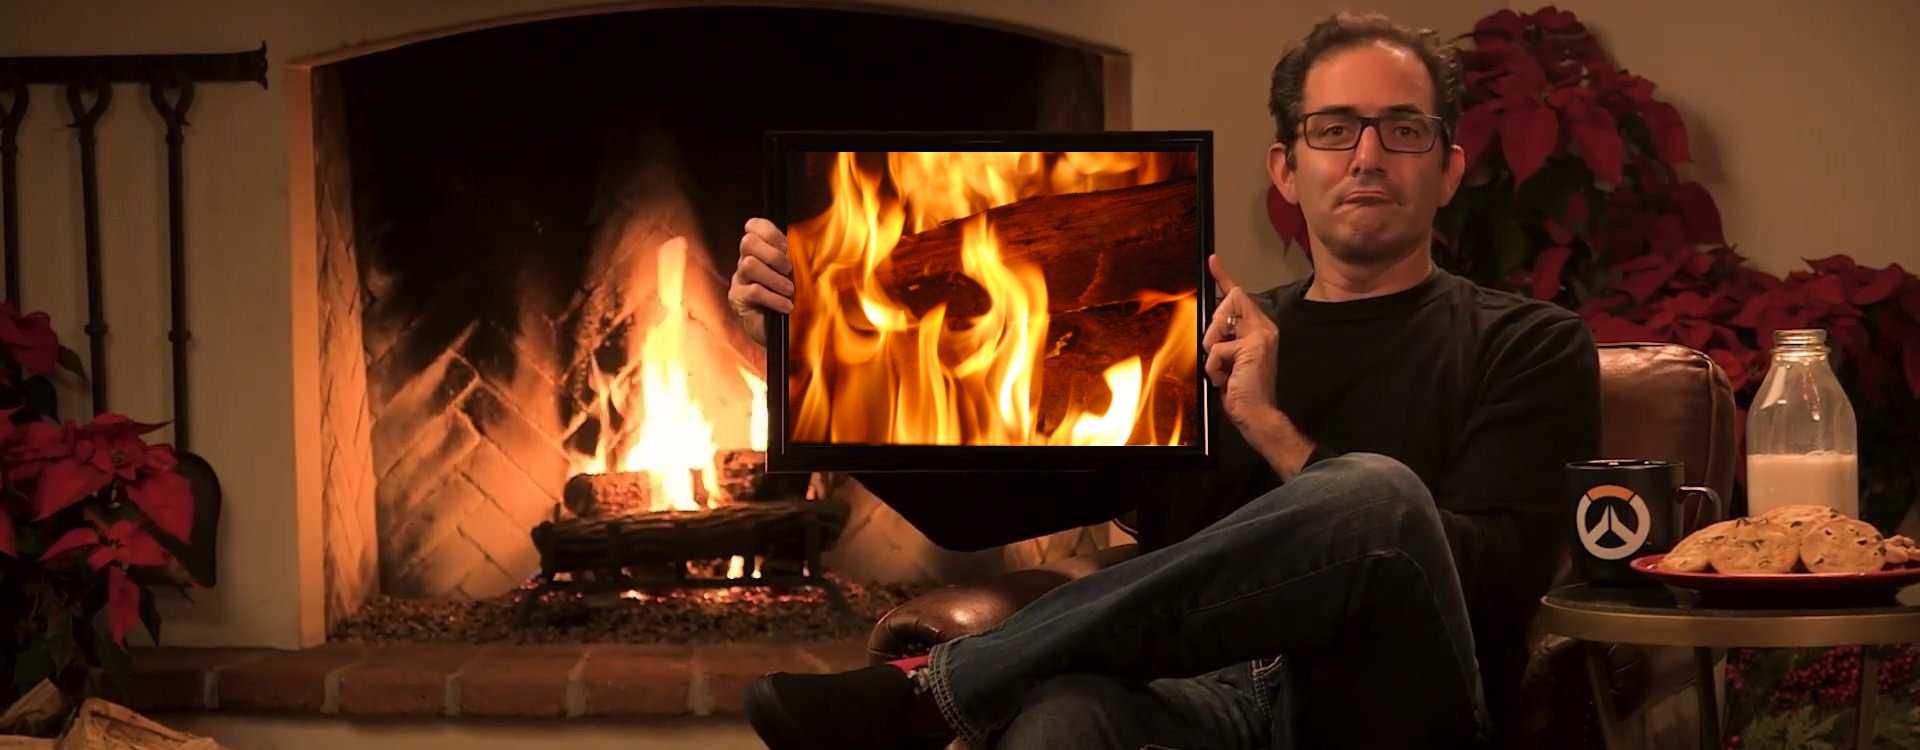 Gamer verbringen Weihnachten mit Jeff vom Overwatch-Team und seinem Holz